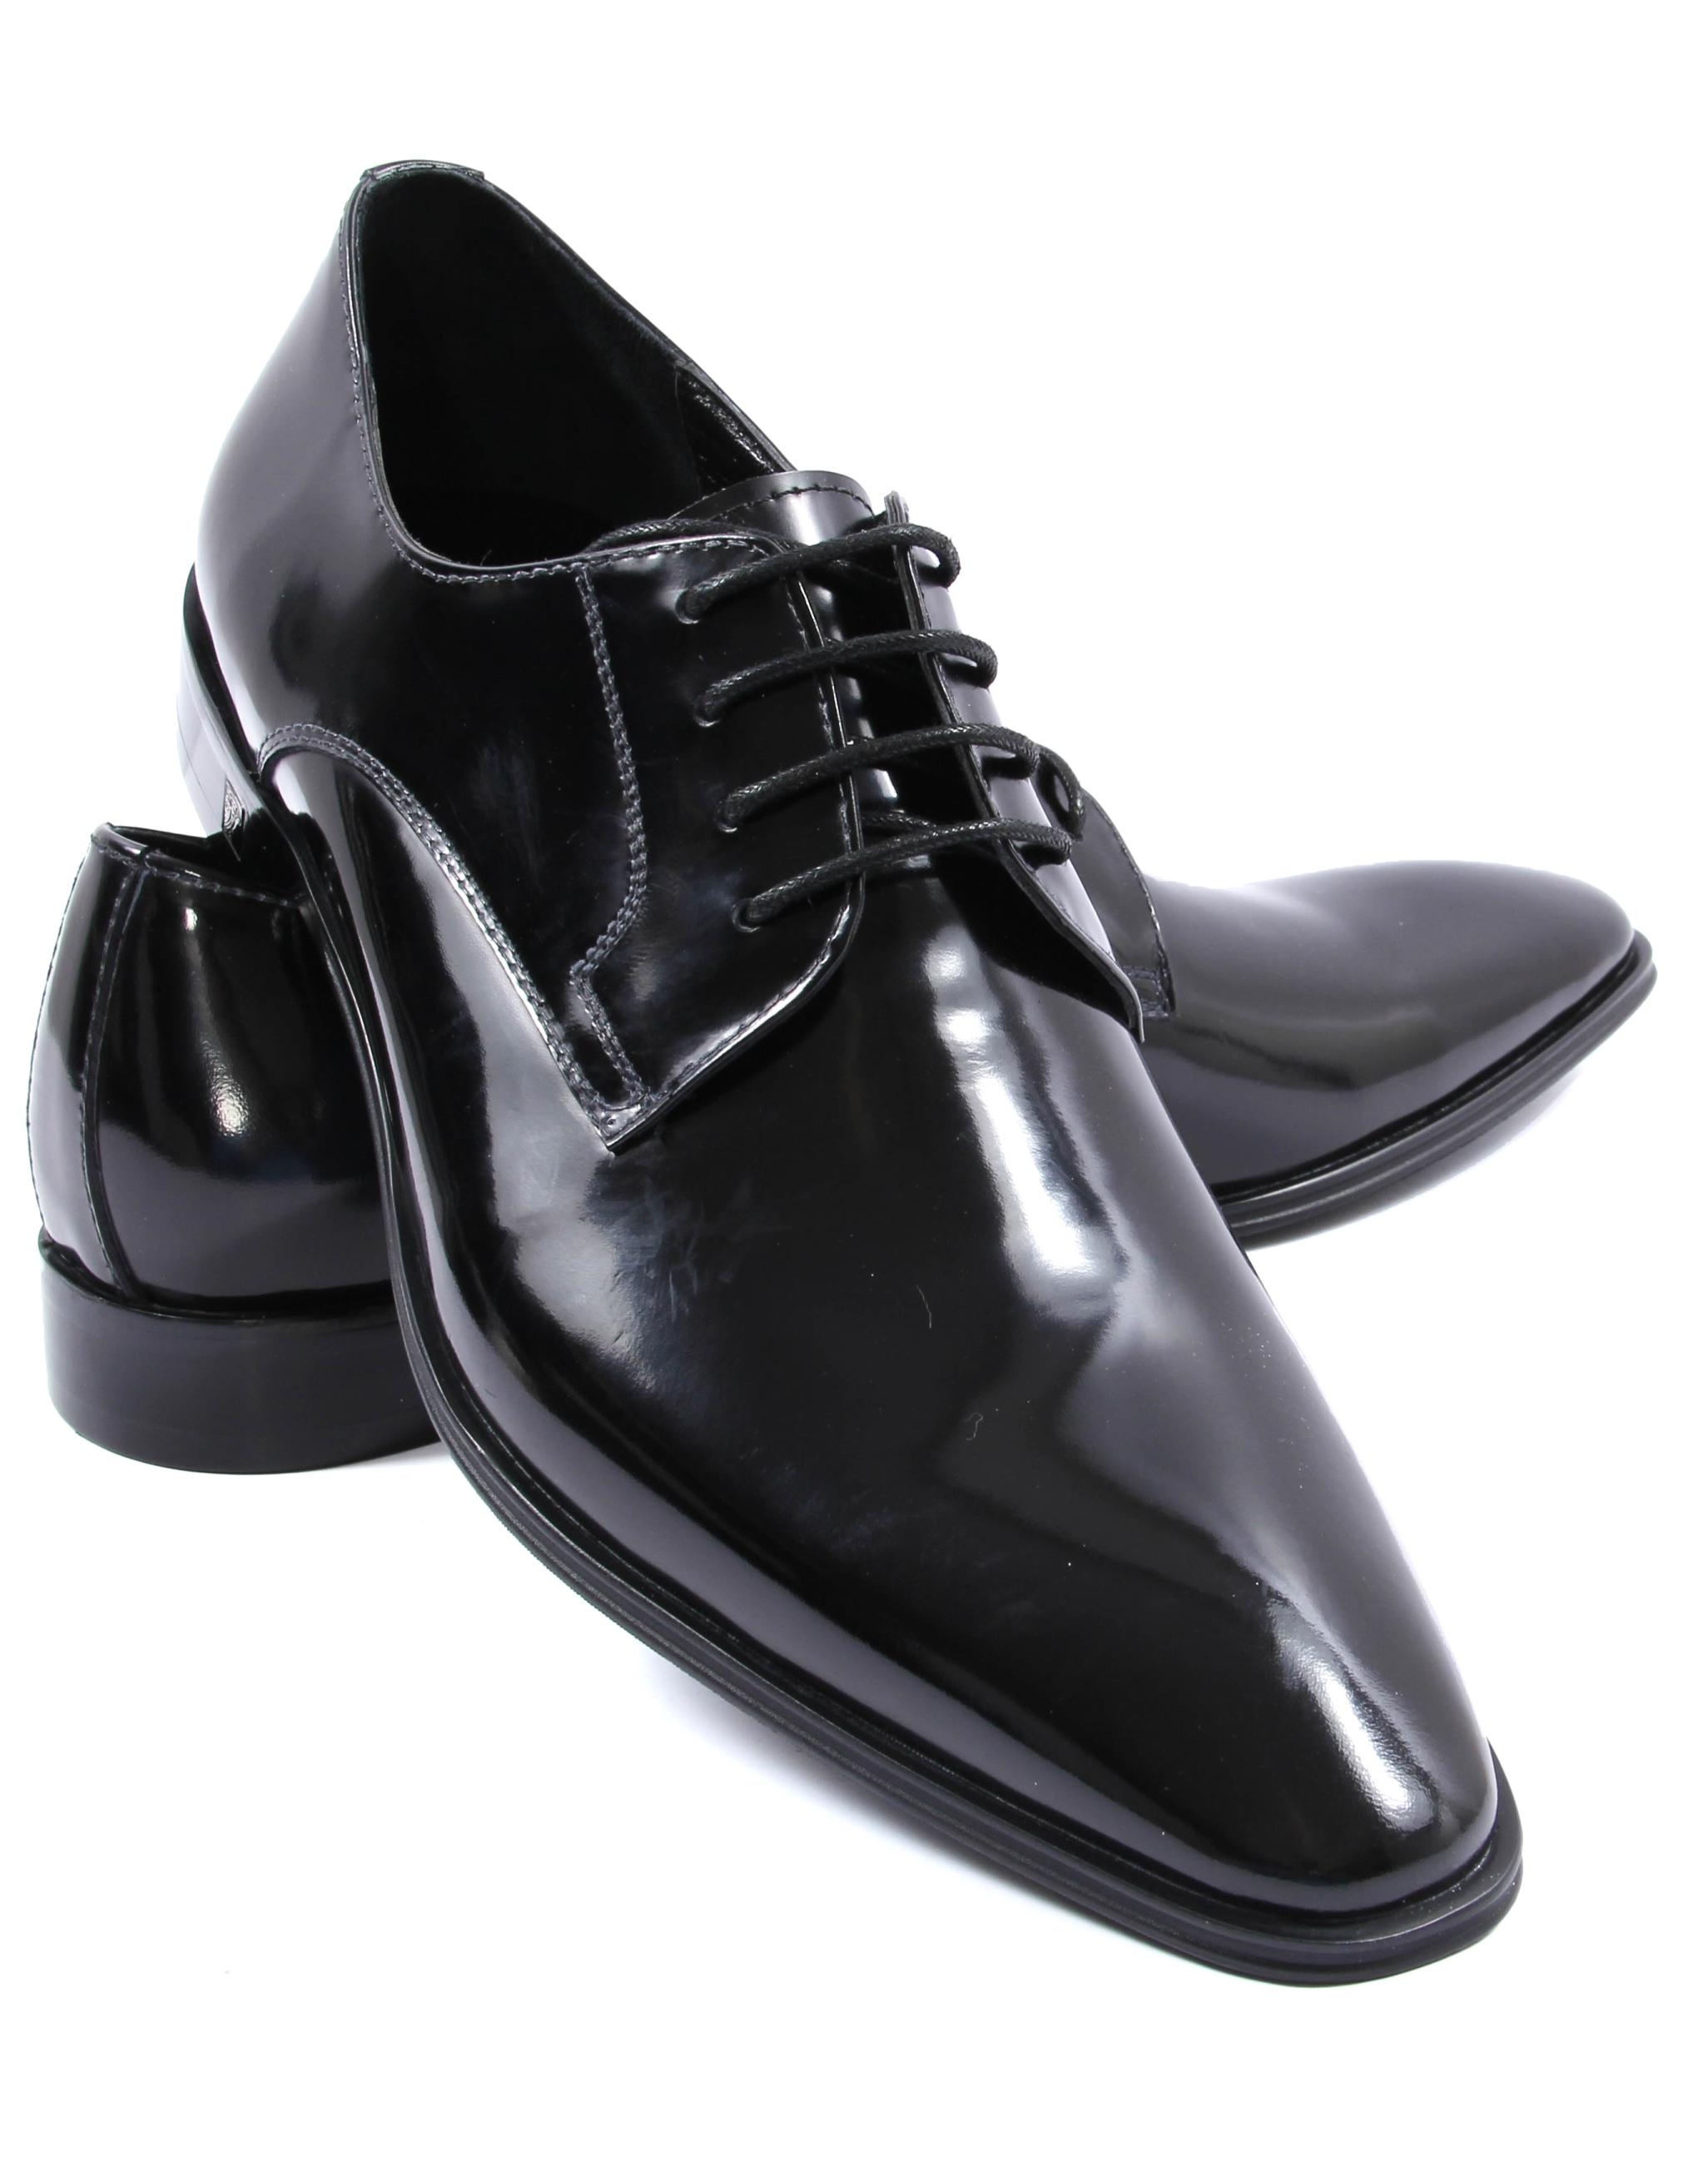 Roberto Cavalli Shoes Price